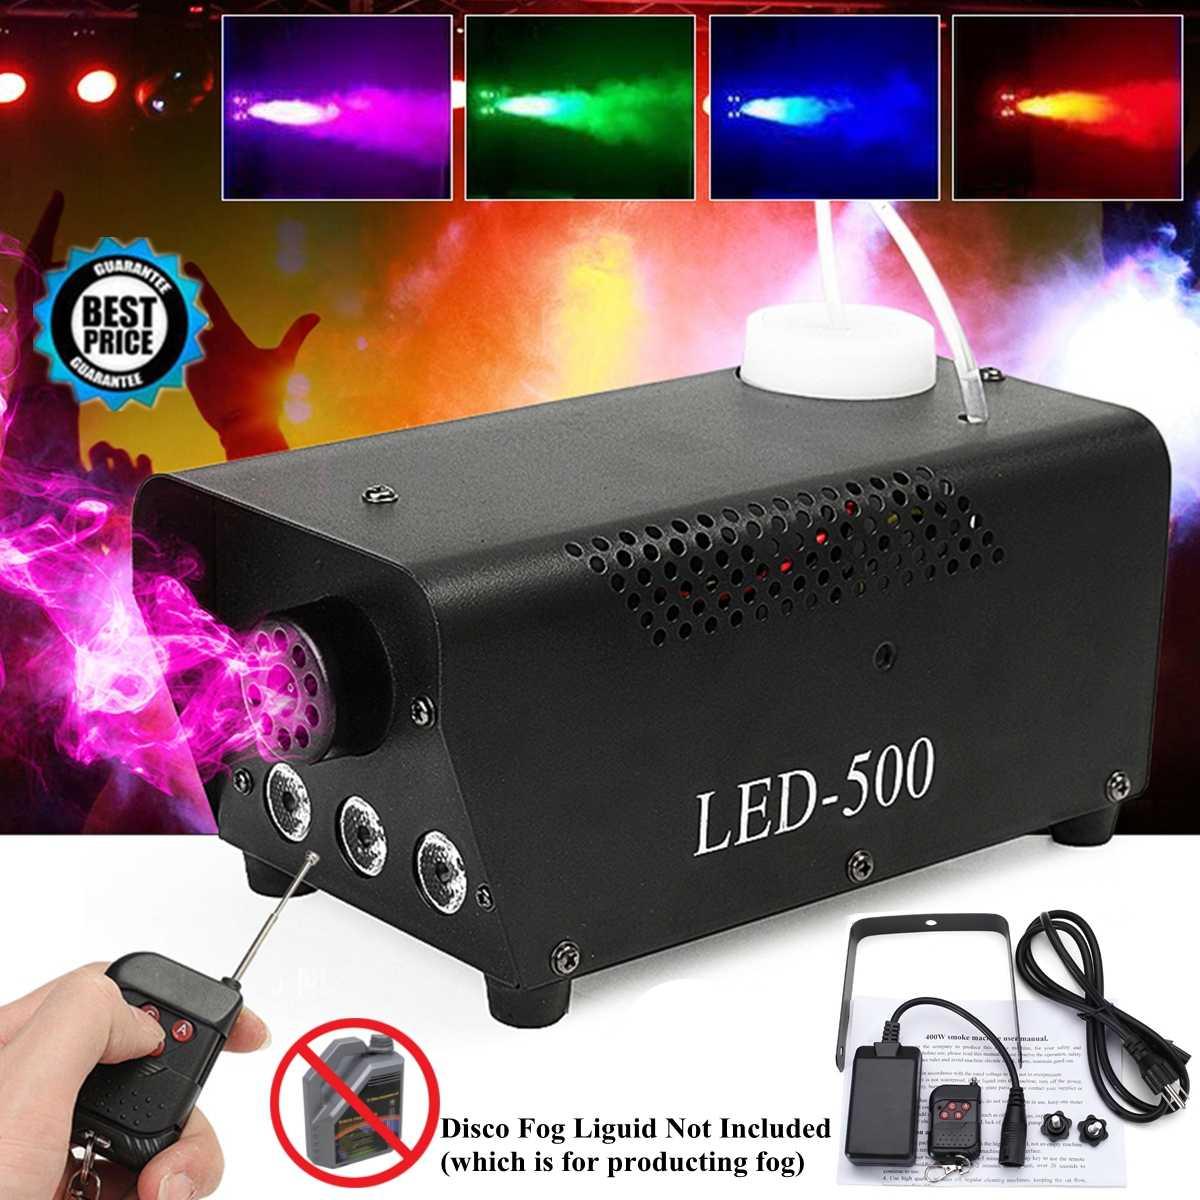 500W disco coloré fumée machine mini LED à distance brumisateur éjecteur dj noël fête scène lumière brouillard machine avec télécommande